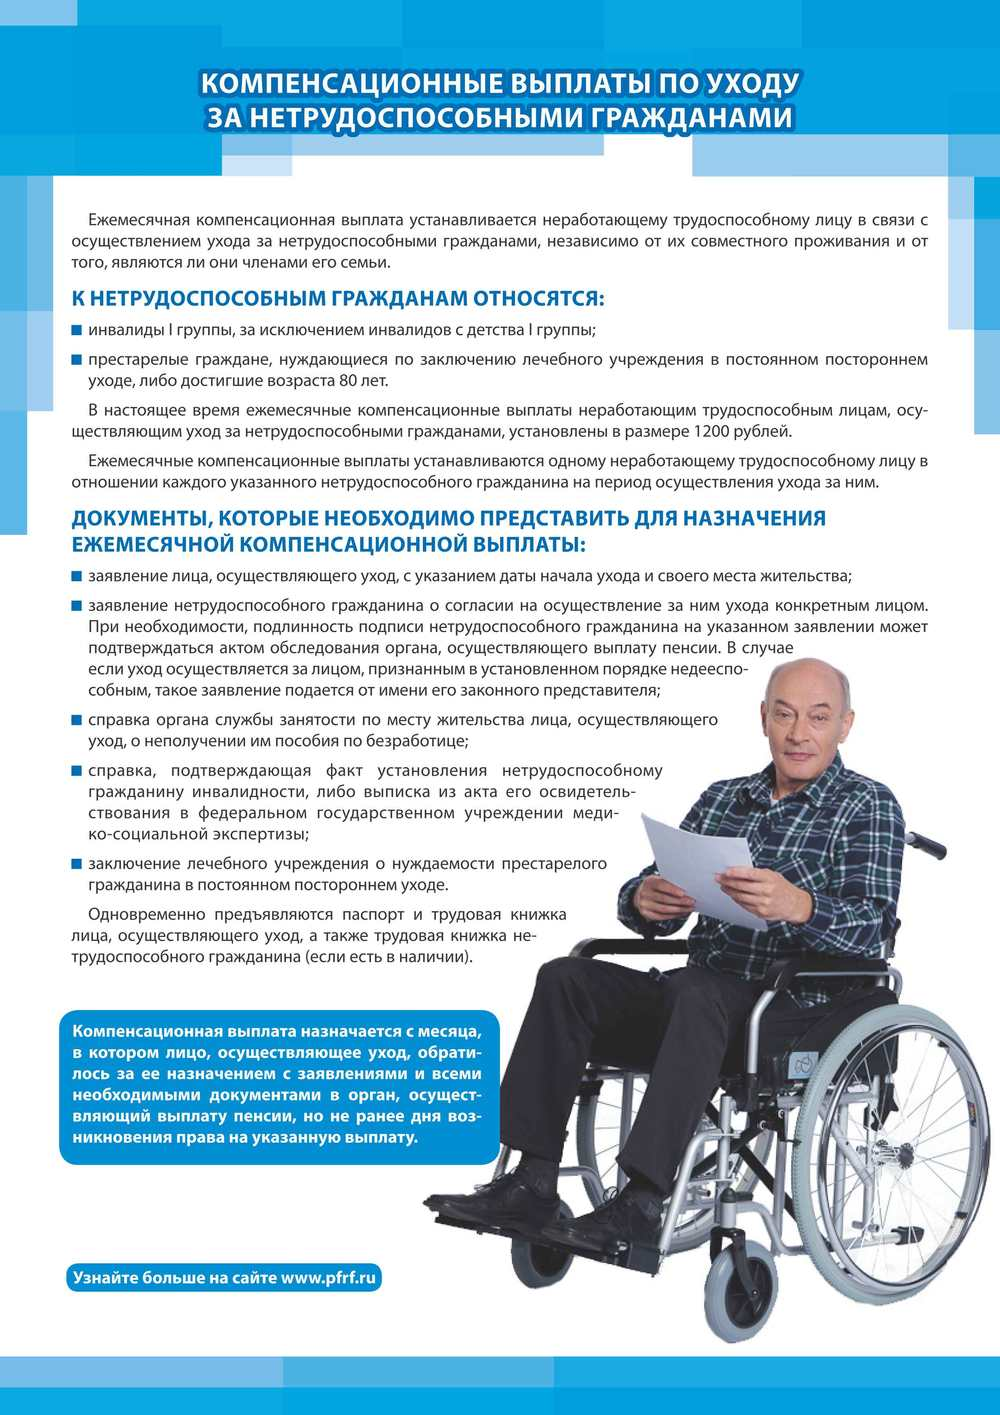 Работник осуществляет уход за инвалидом